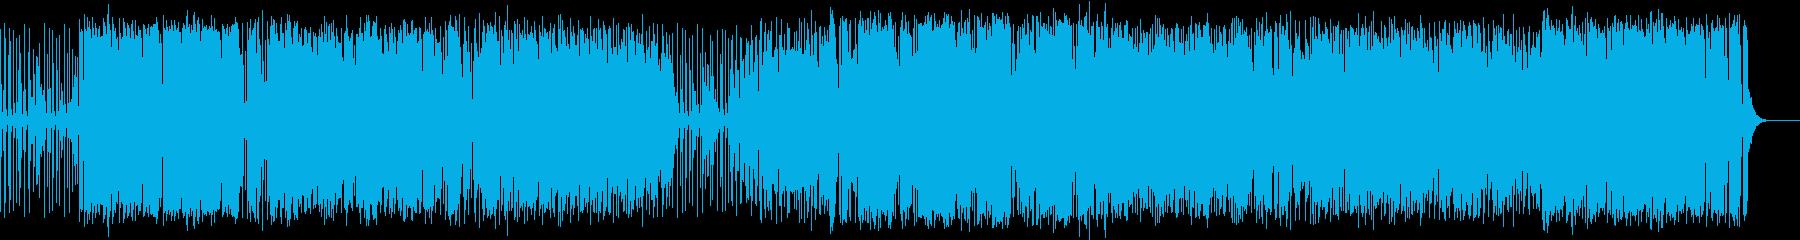 ピアノ・ベース・ドラム編成の舞曲風ジャズの再生済みの波形